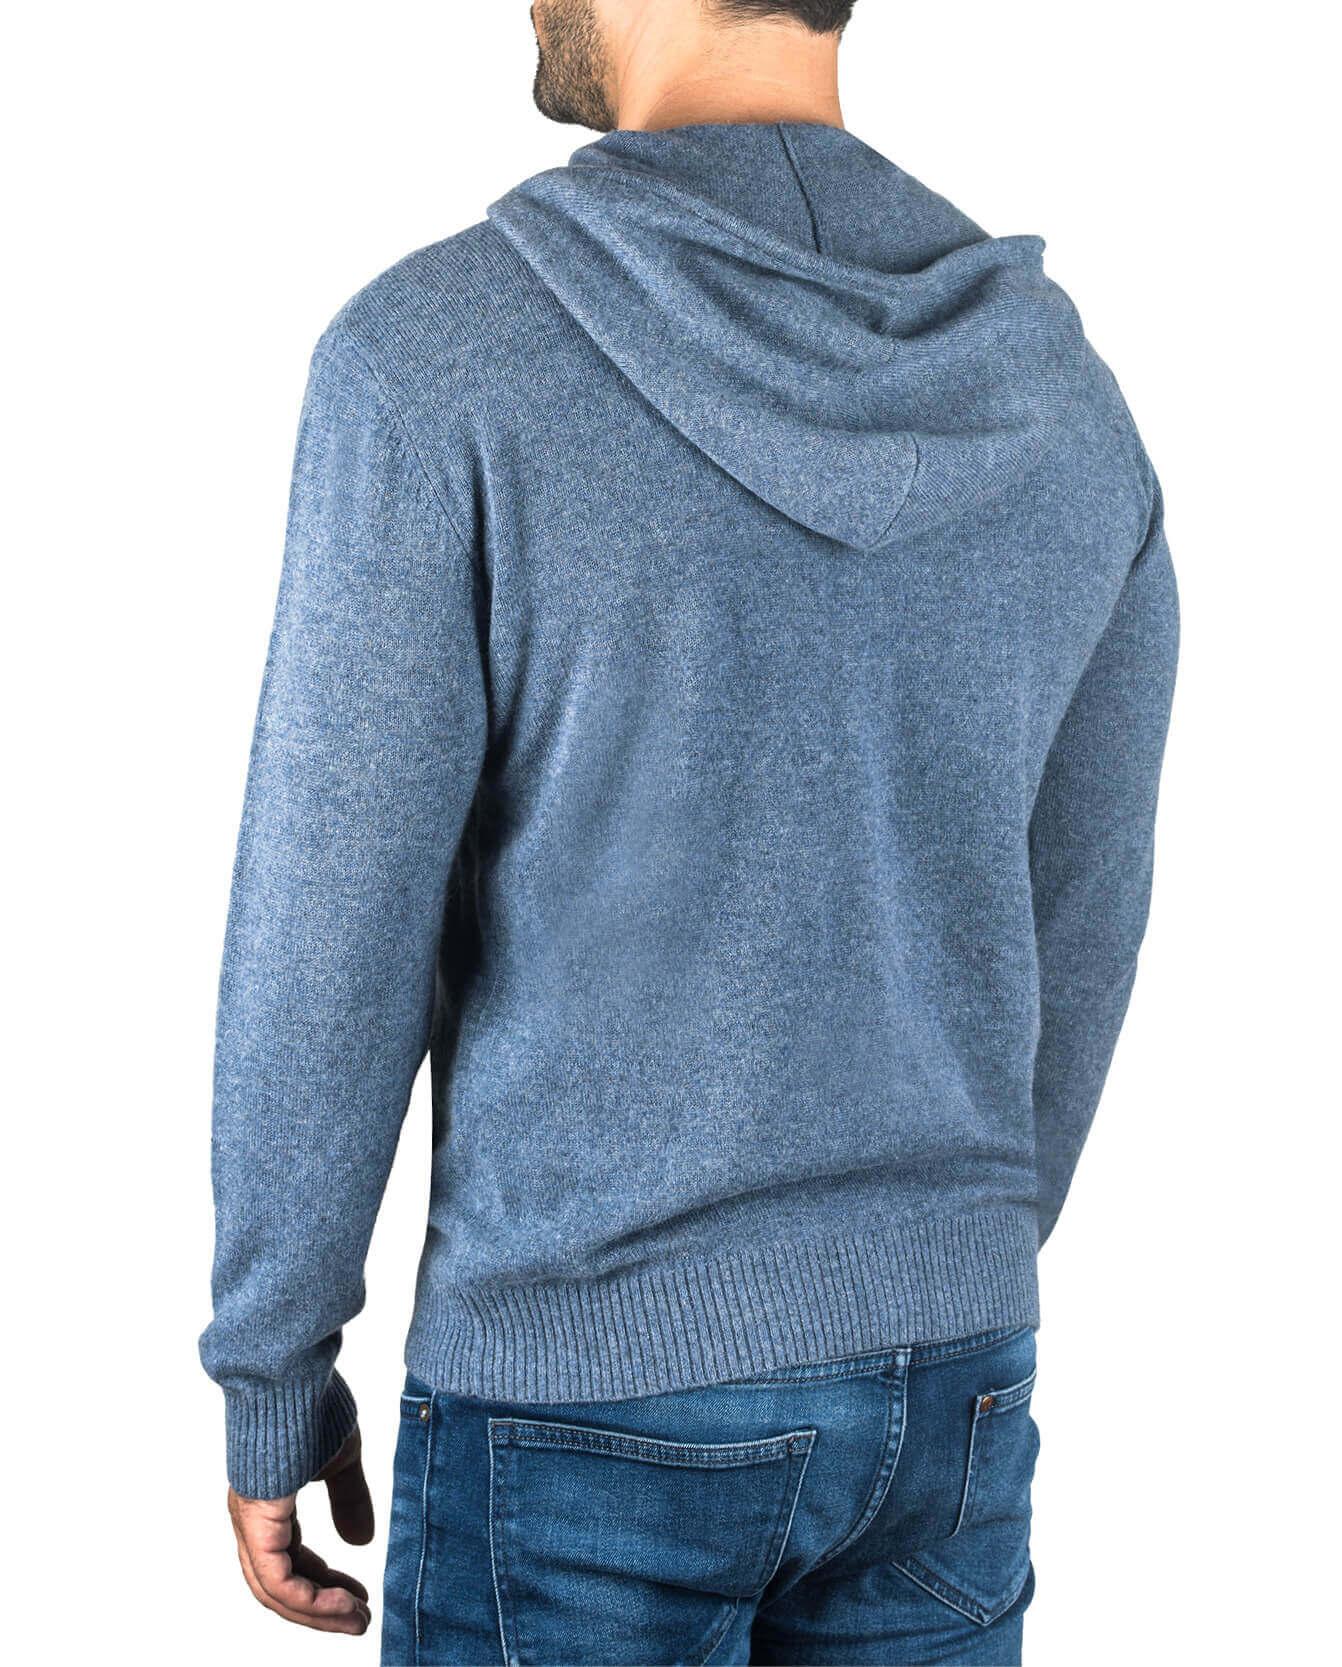 Kaschmir Kapuzenpullover Hoodie jeans blau